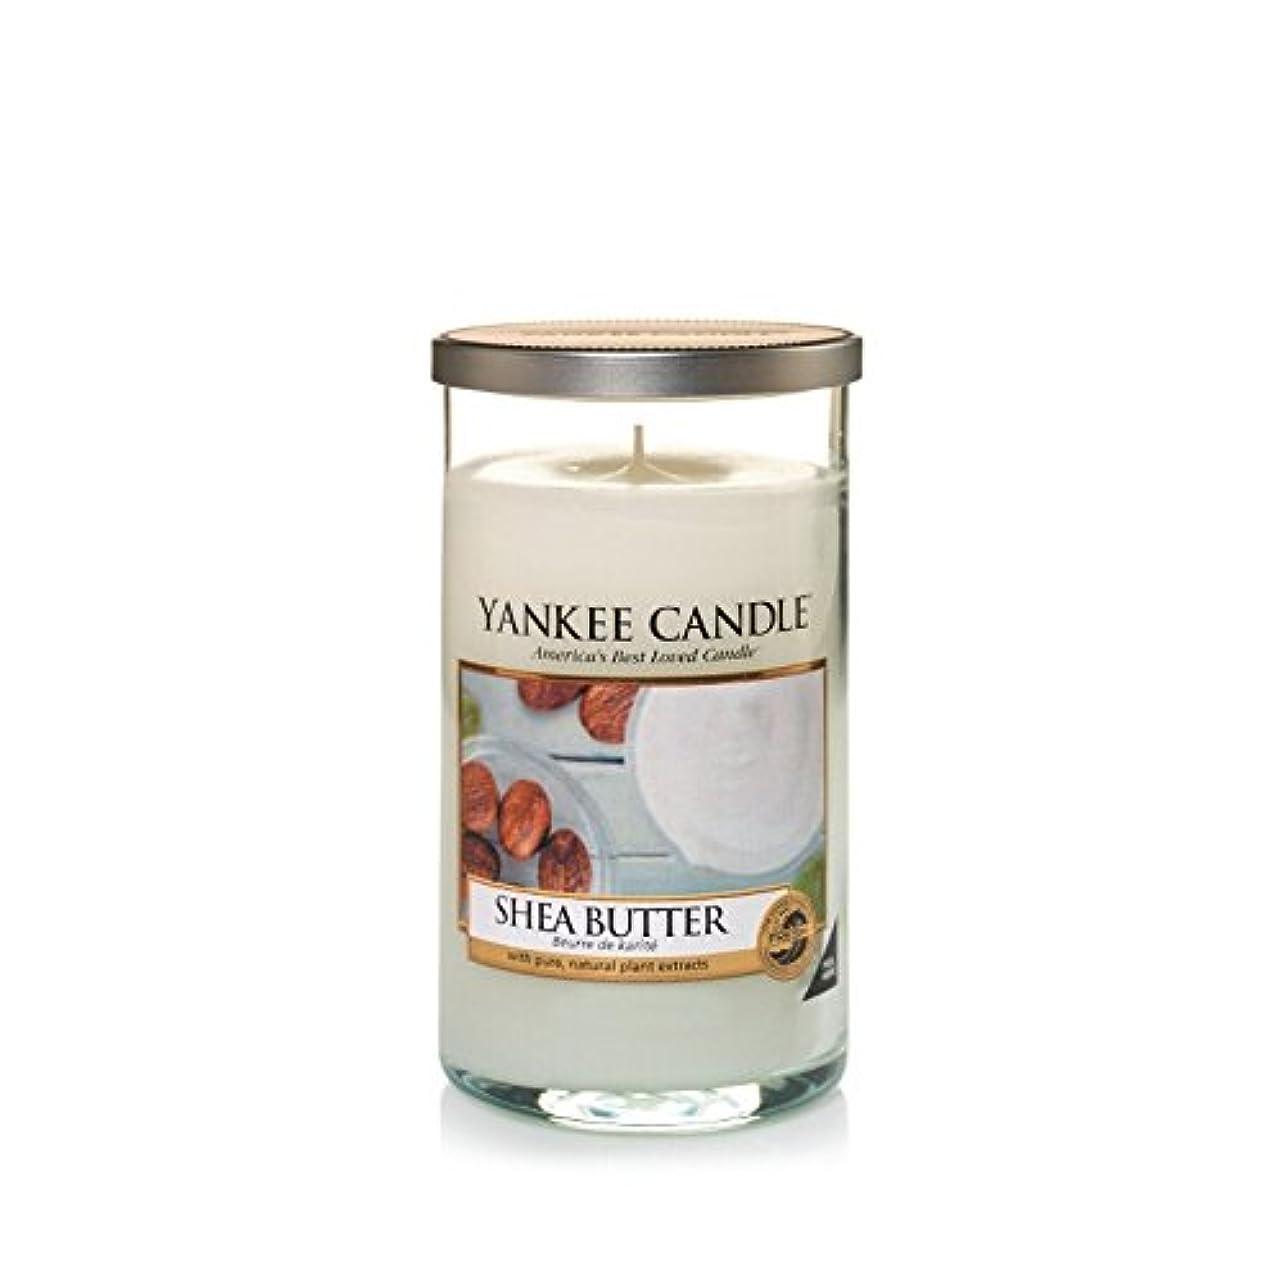 砂利淡い忘れられないYankee Candles Medium Pillar Candle - Shea Butter (Pack of 2) - ヤンキーキャンドルメディアピラーキャンドル - シアバター (x2) [並行輸入品]